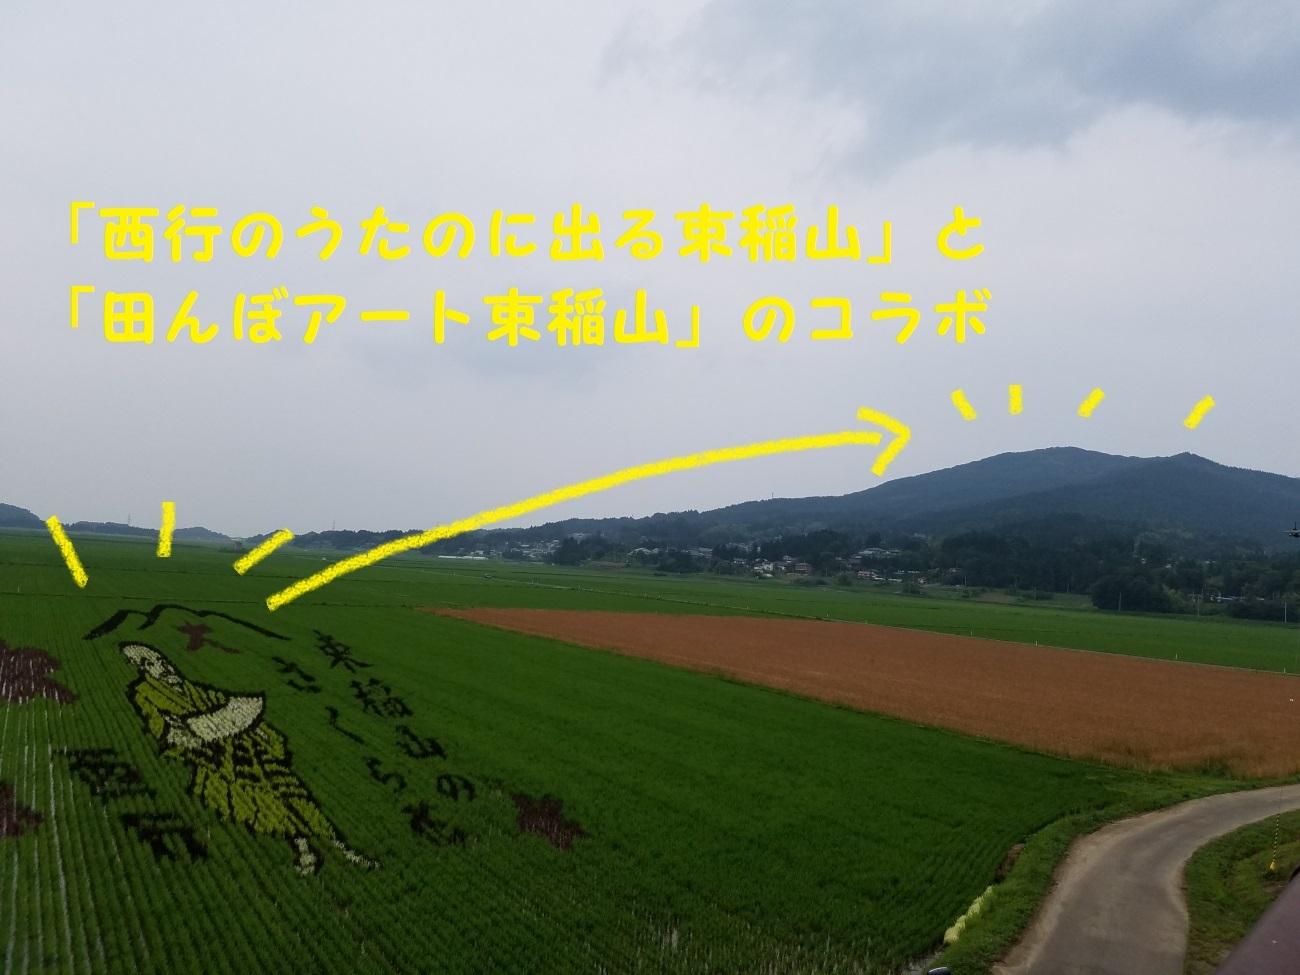 20170702_173552.jpg